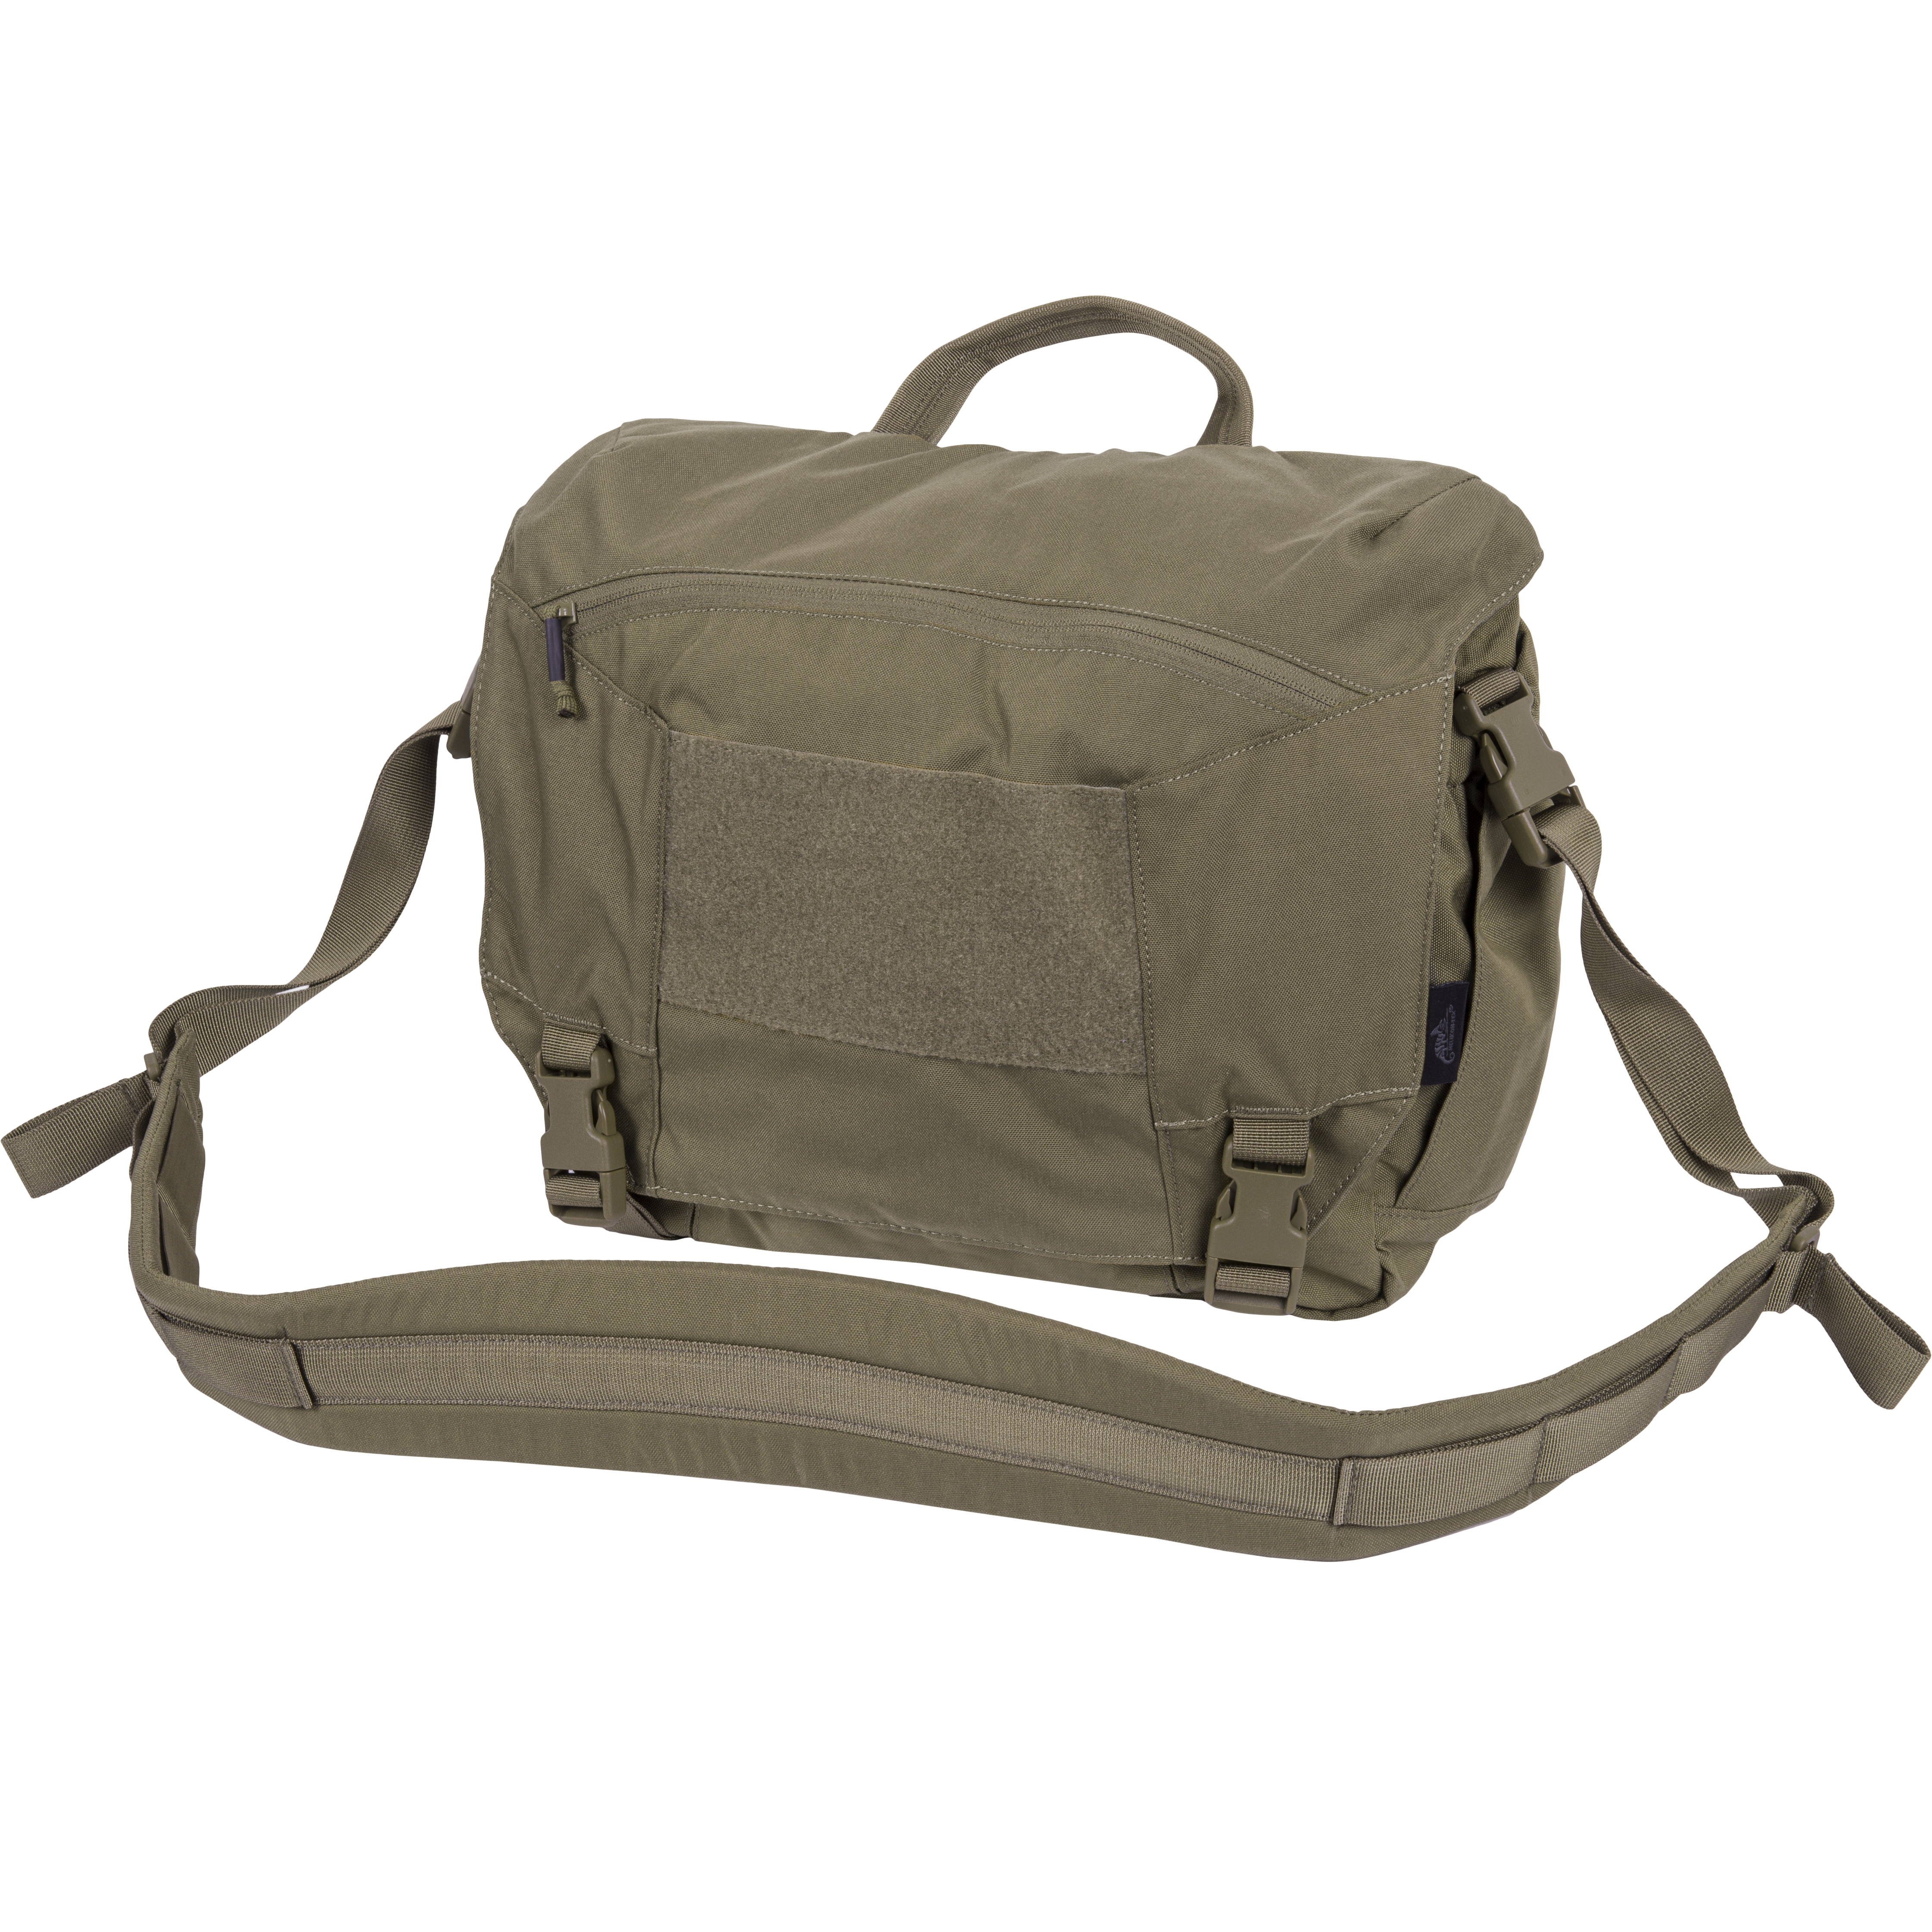 f01f3437baf92 Helikon Urban Courier Bag Medium - Coyote - e-militaria.eu